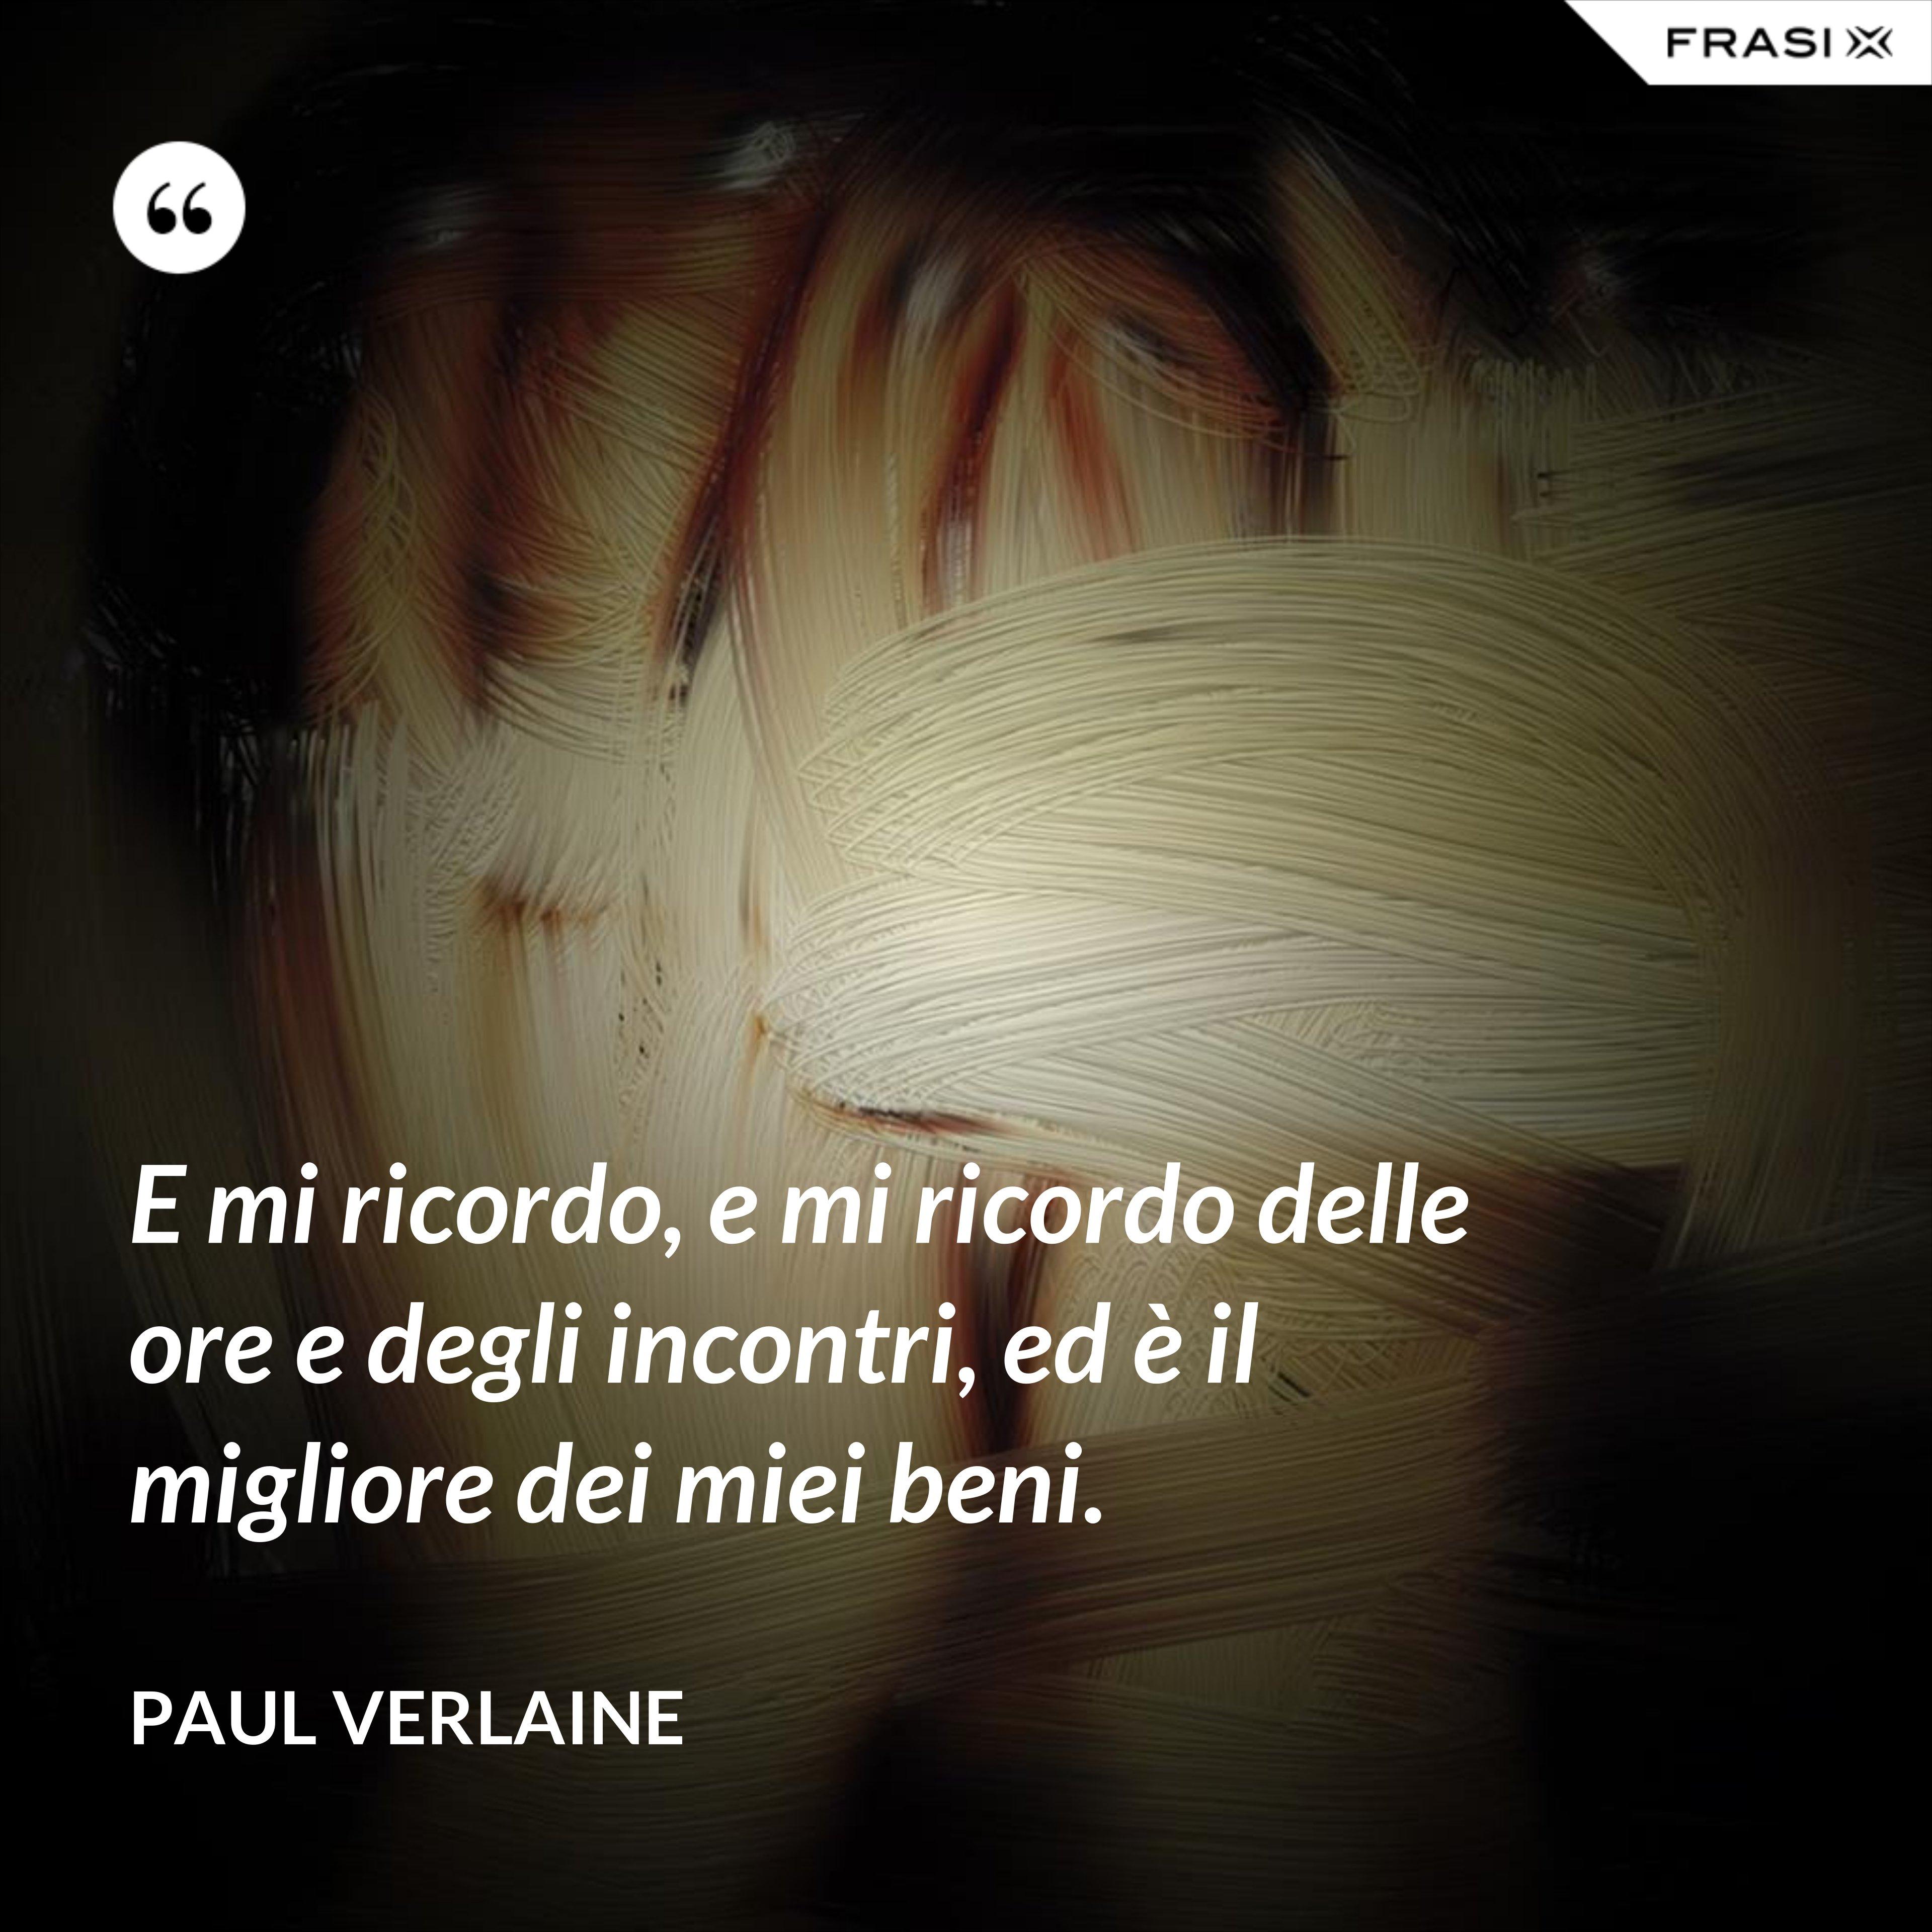 E mi ricordo, e mi ricordo delle ore e degli incontri, ed è il migliore dei miei beni. - Paul Verlaine